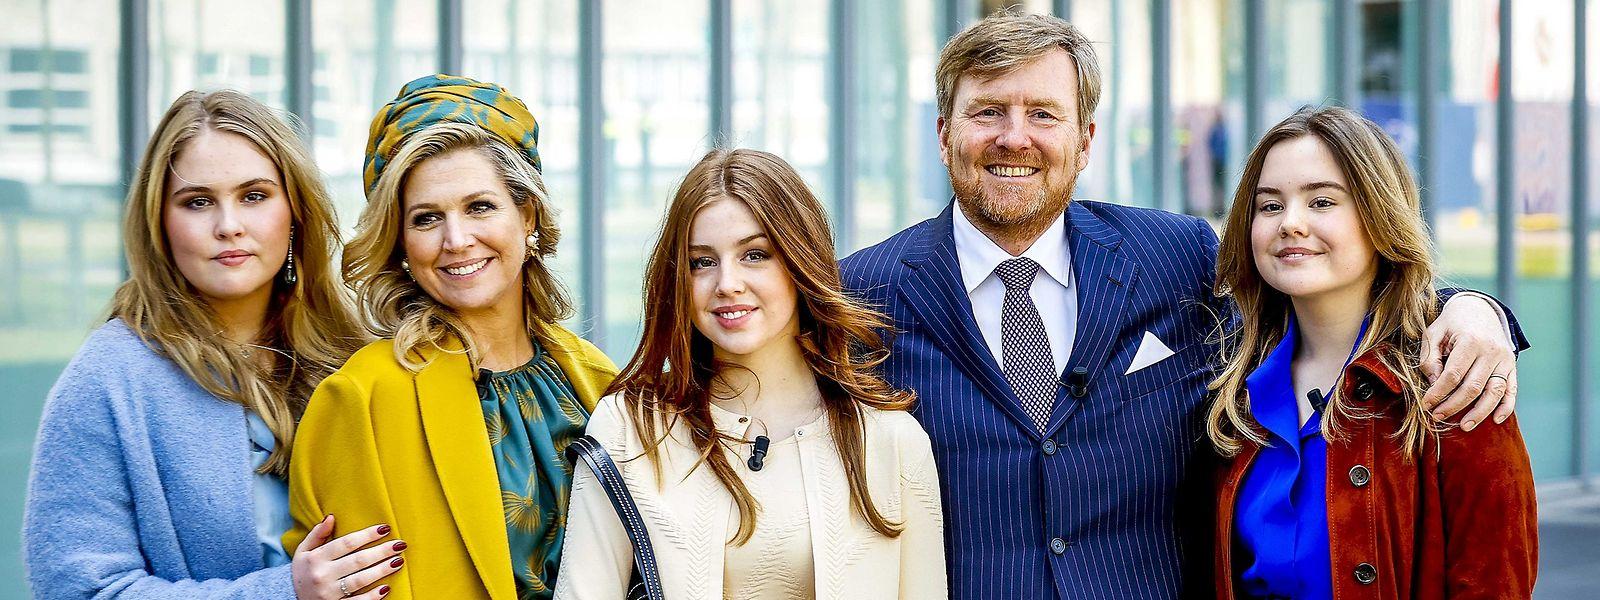 Sie hält die Familie zusammen: Königin Maxima (2.v.l.) mit ihrem Mann, König Willem-Alexander, und den Töchtern Ariane (r.), Alexia (M.) und Amalia (l.) - hier bei einer Aufnahme am Königstag, der am 27. April gefeiert wurde.